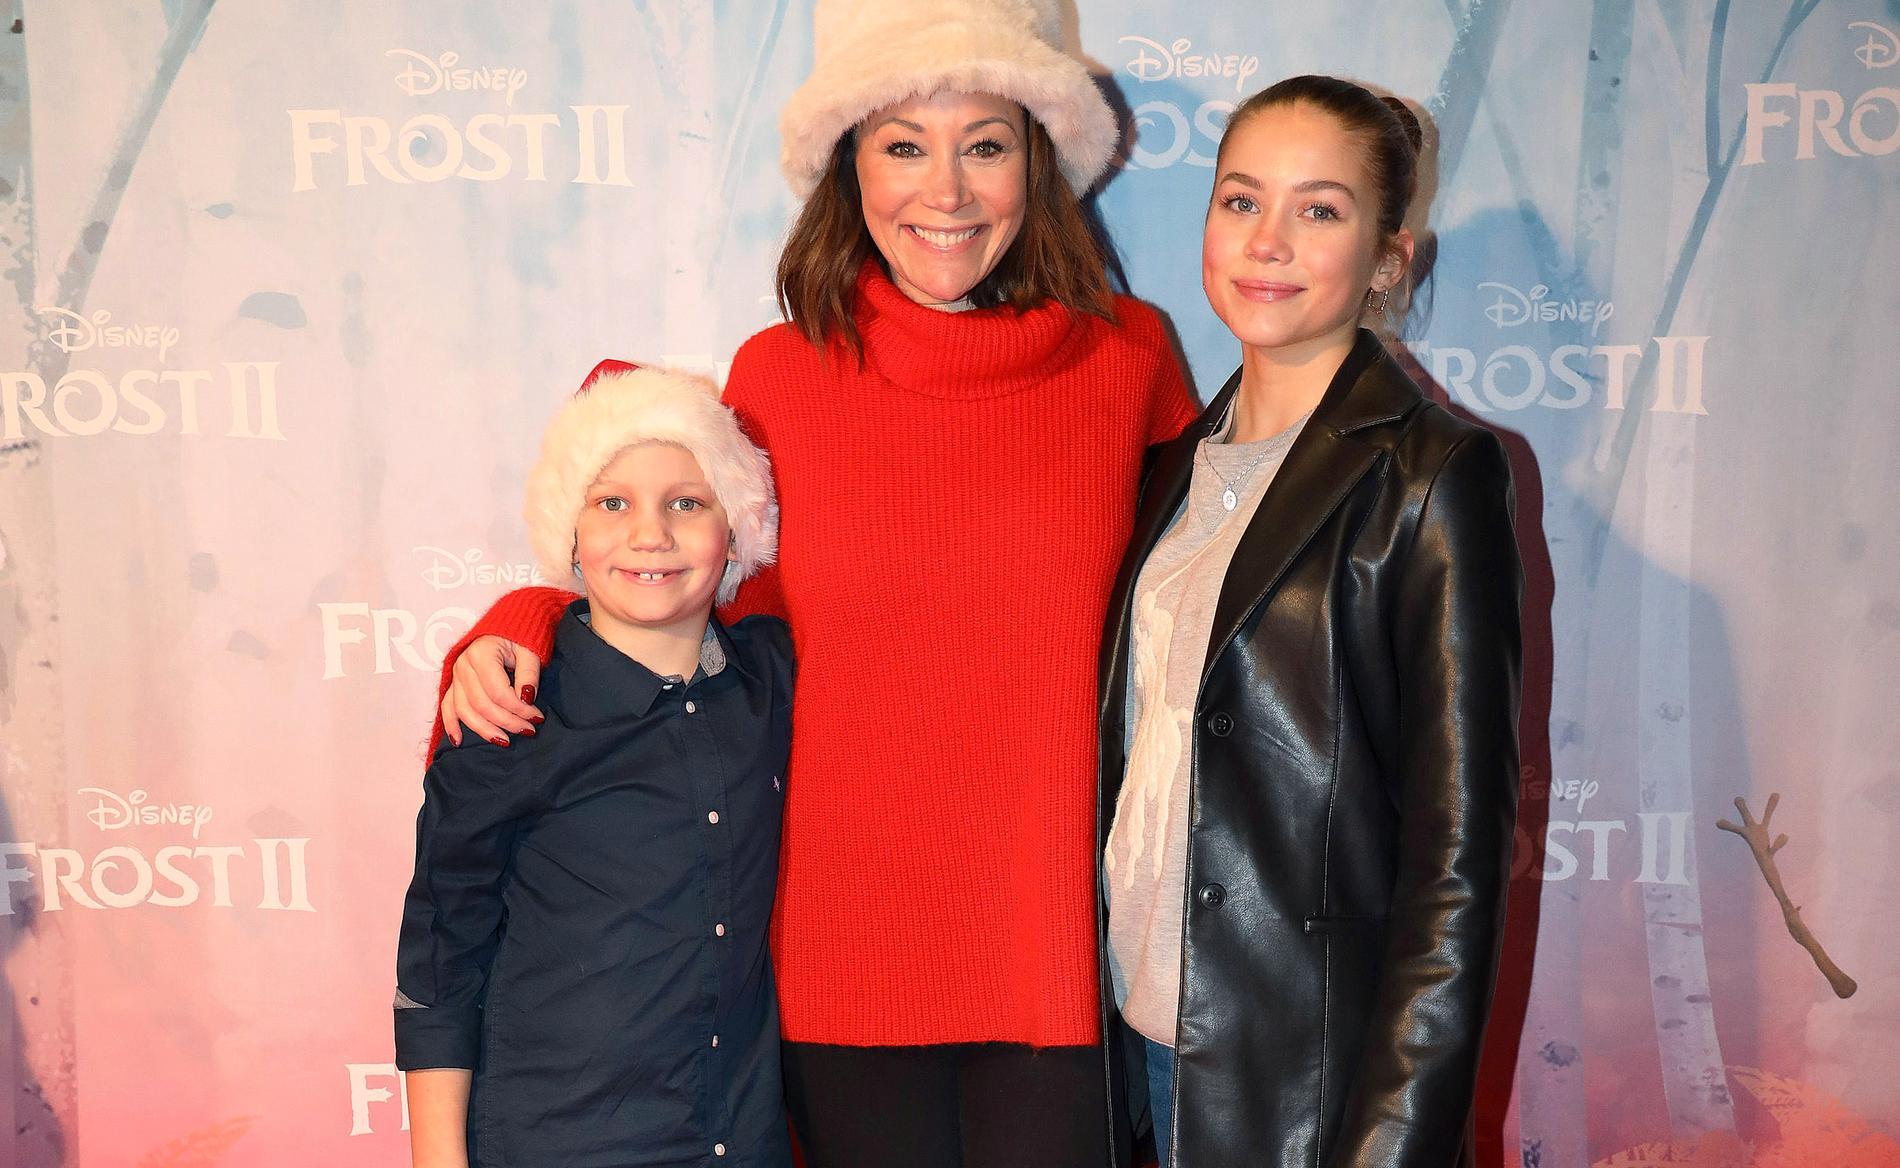 """Tilde de Paula tillsammans med barnen Ilyah och Naemi på Galapremiären av """"Frost 2"""" på biograf Rigoletto i Stockholm."""